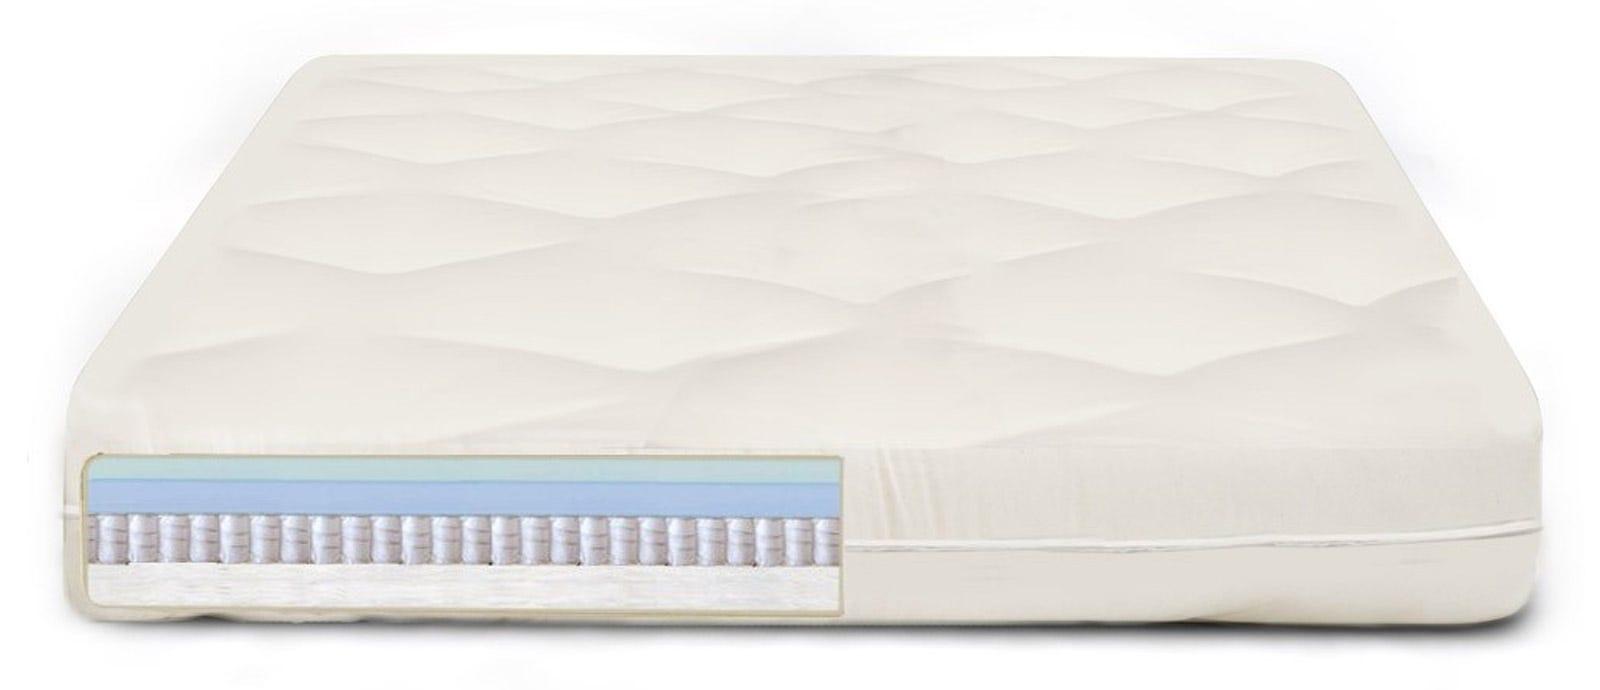 divine ice mattress